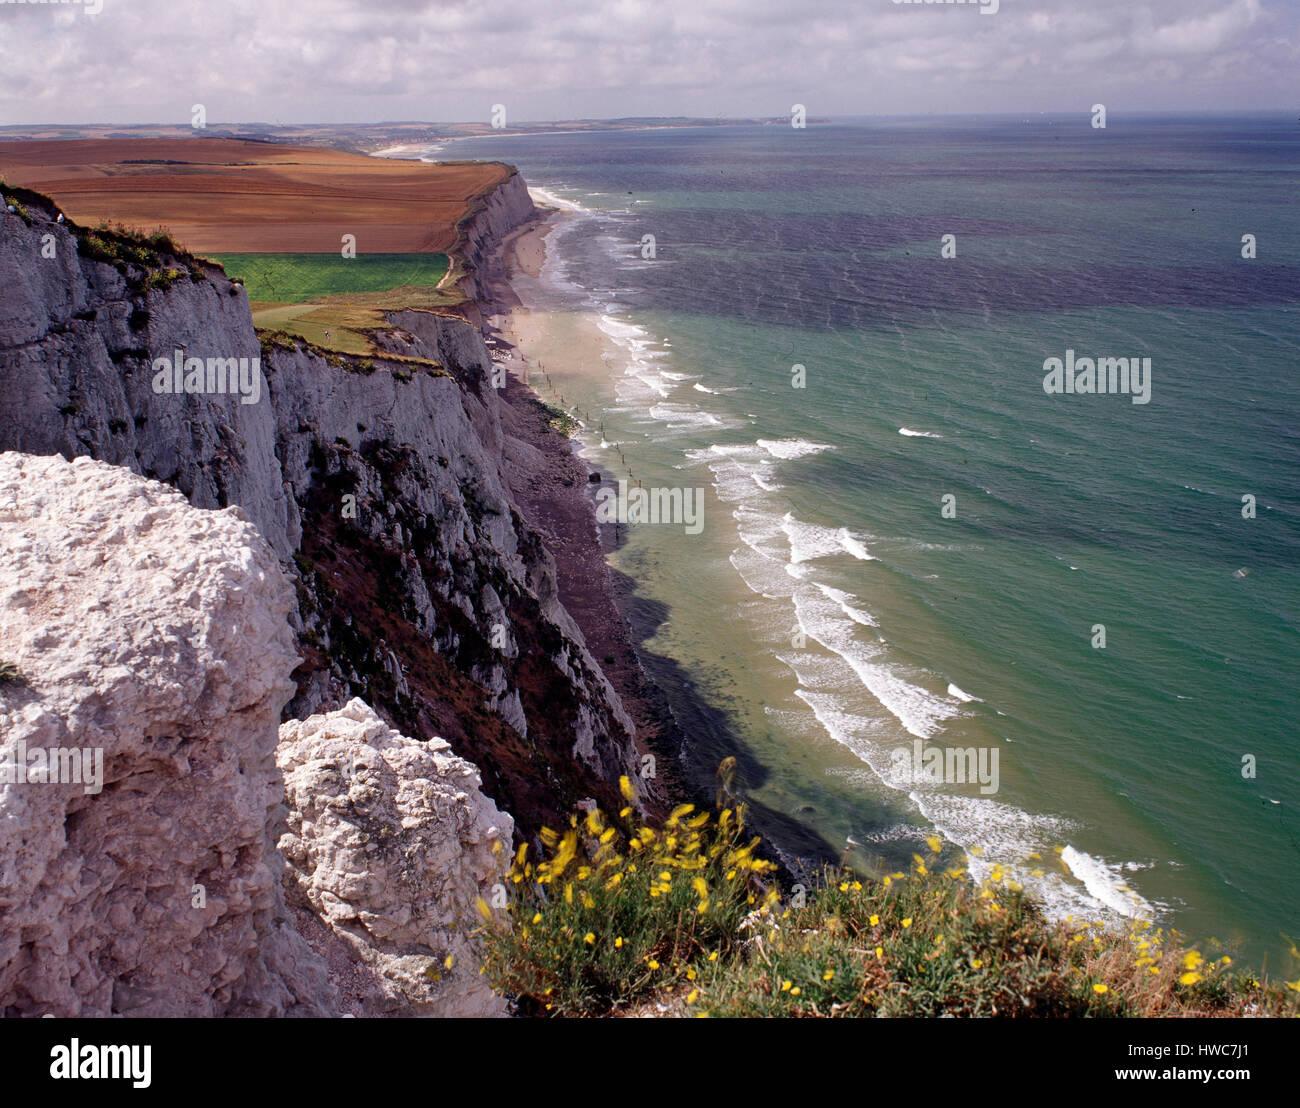 Cap Blanc Nez, Pas de Calais, France. - Stock Image